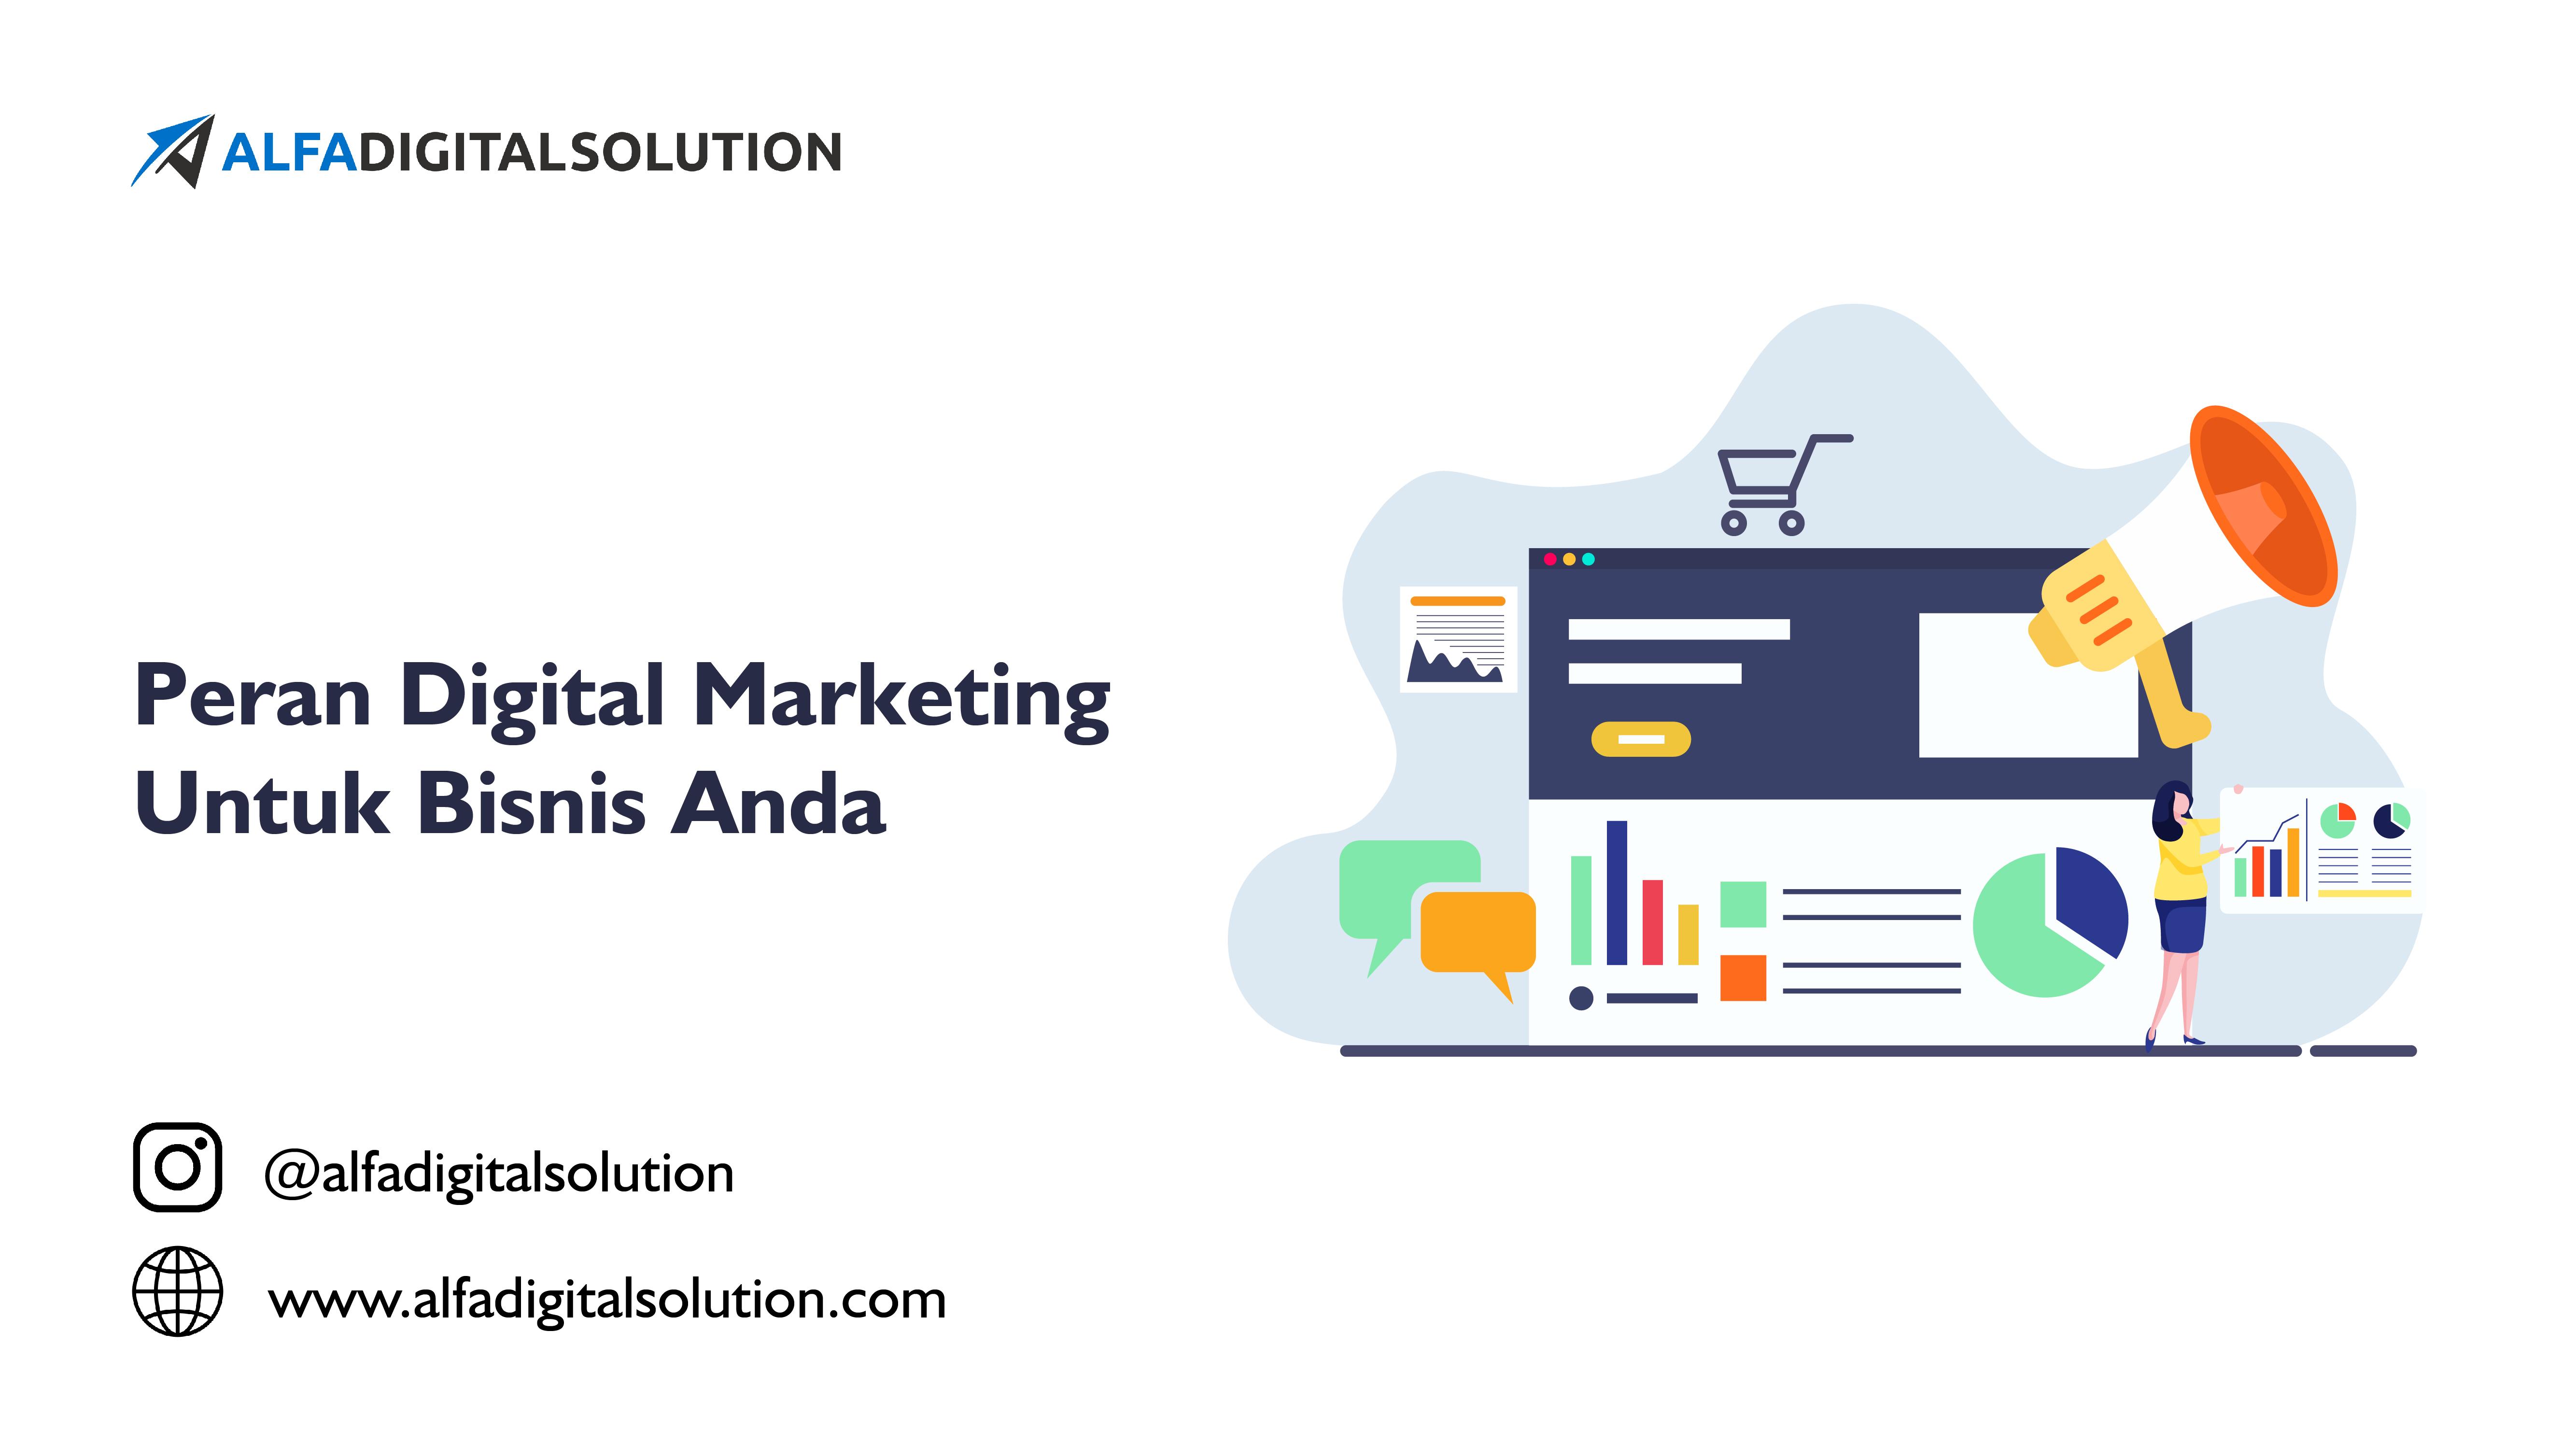 peran-digital-marketing-untuk-bisnis-anda